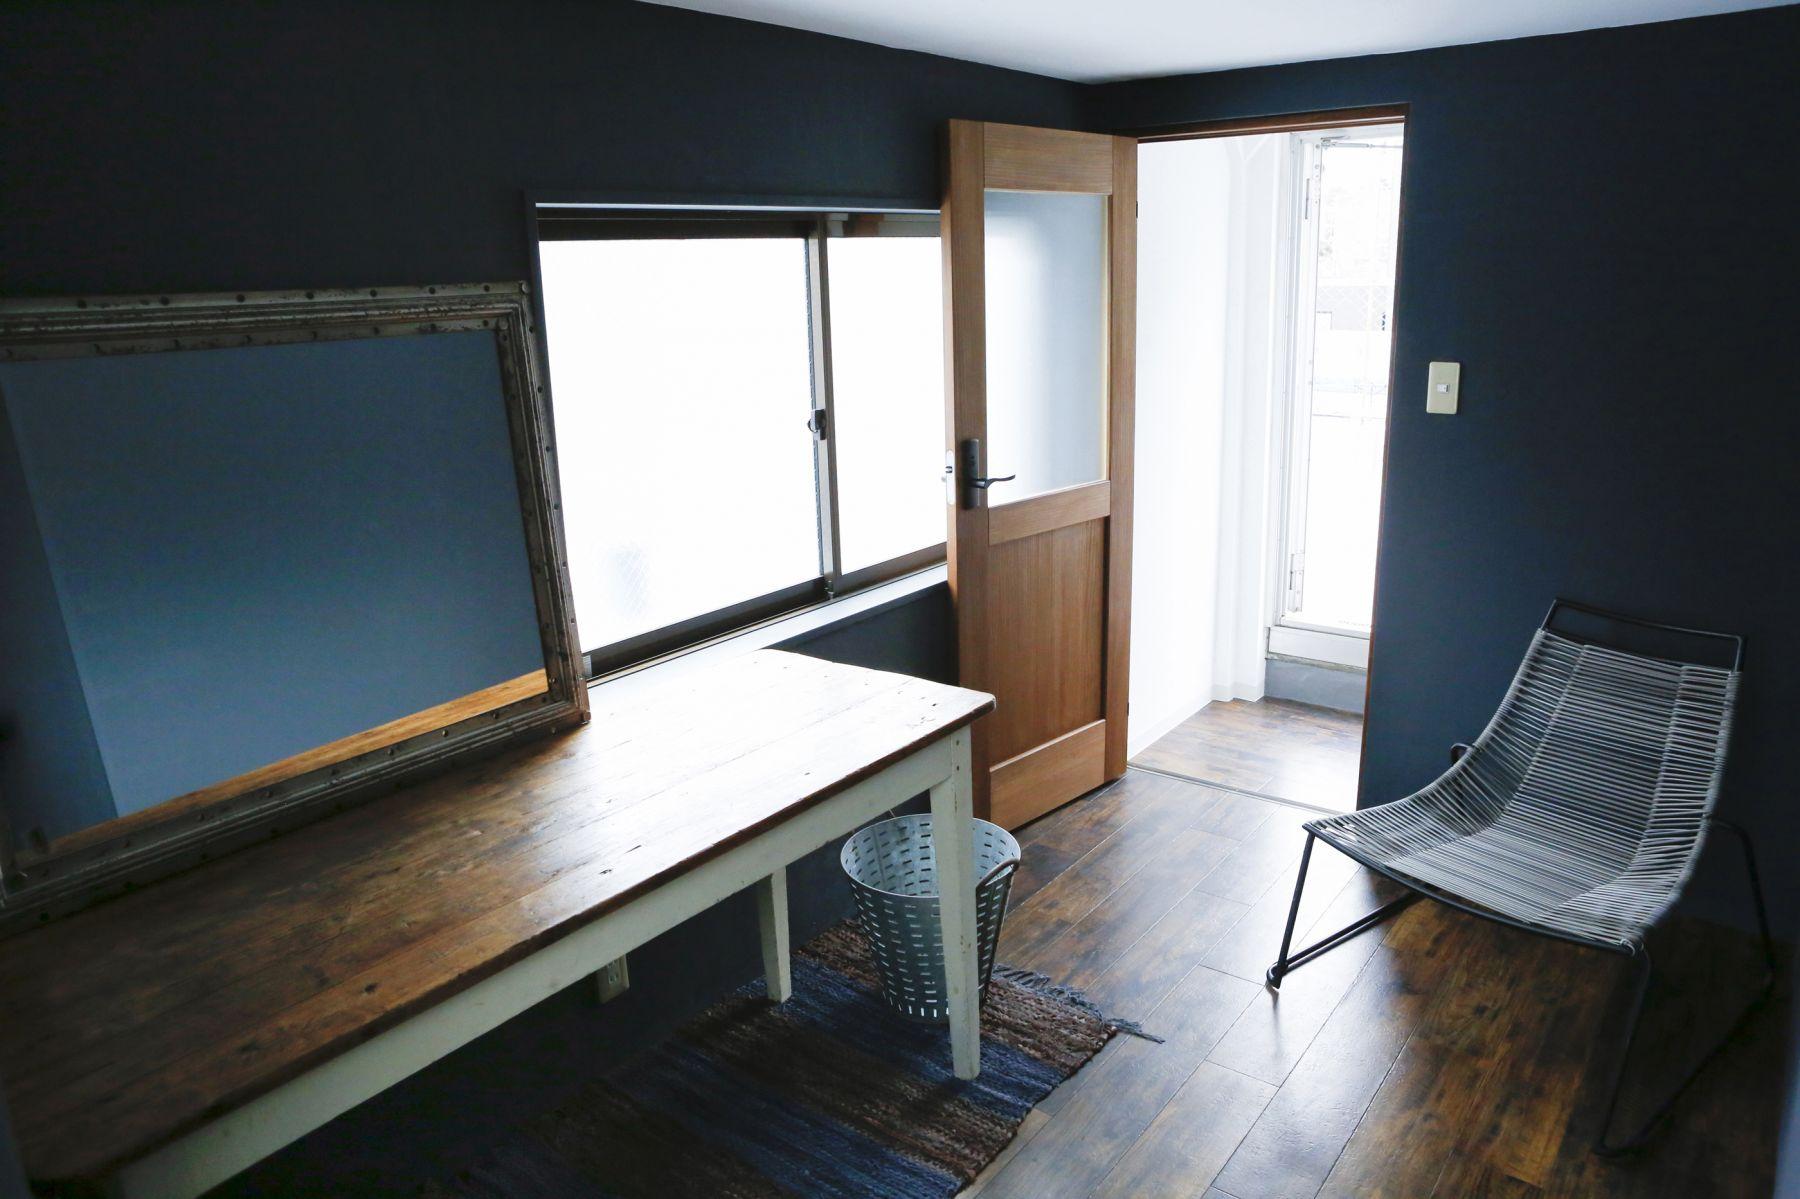 studio ConTRail (スタジオ コントレイル)屋上 メイクルームの撮影可